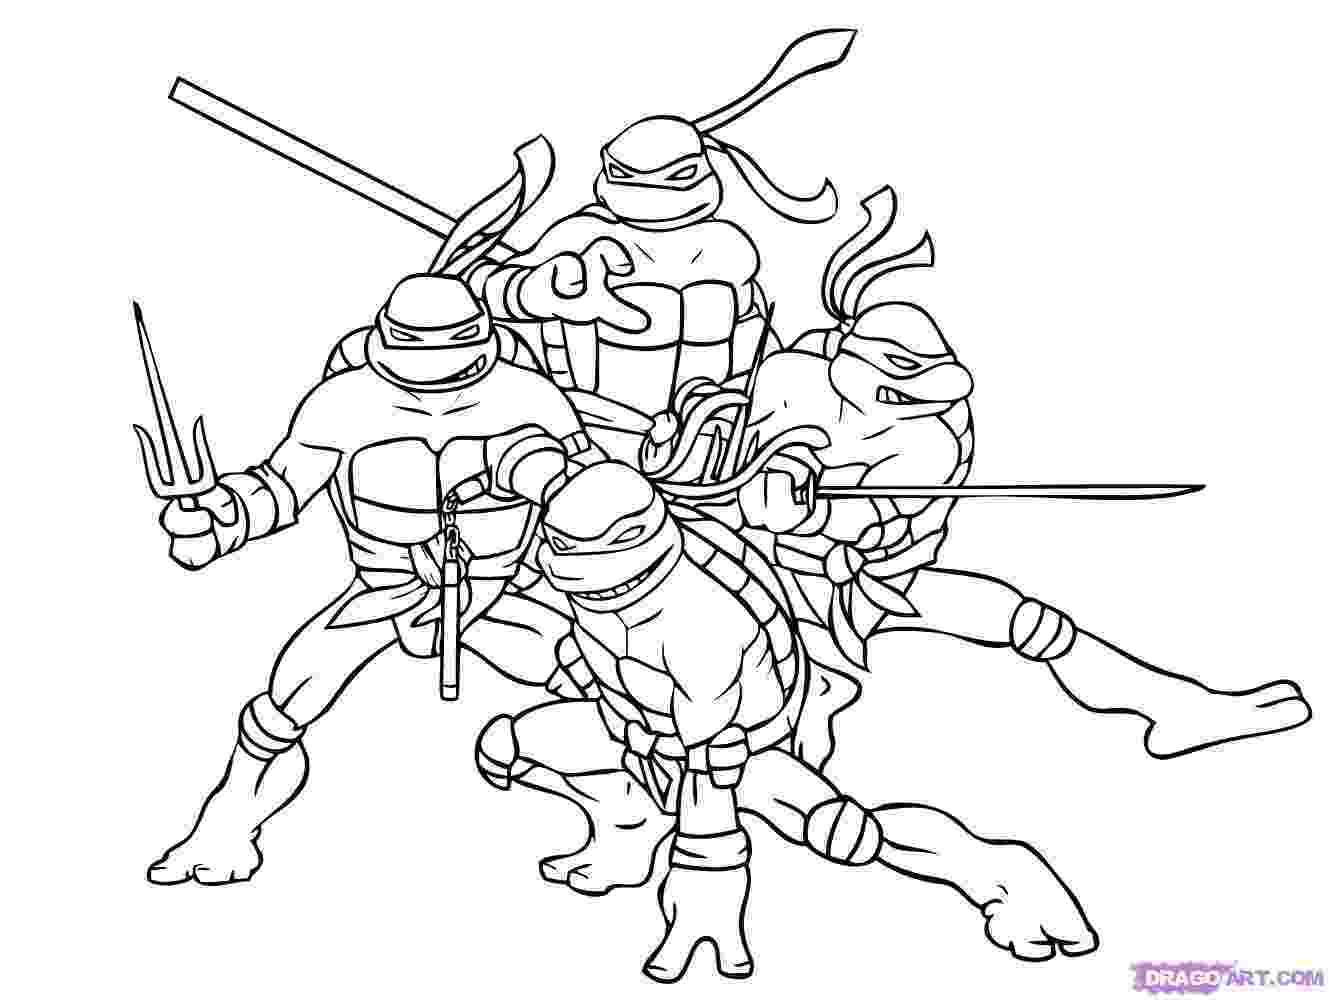 ninja turtles free printable coloring pages mutant busters coloring pages coloring pages free turtles ninja coloring pages printable